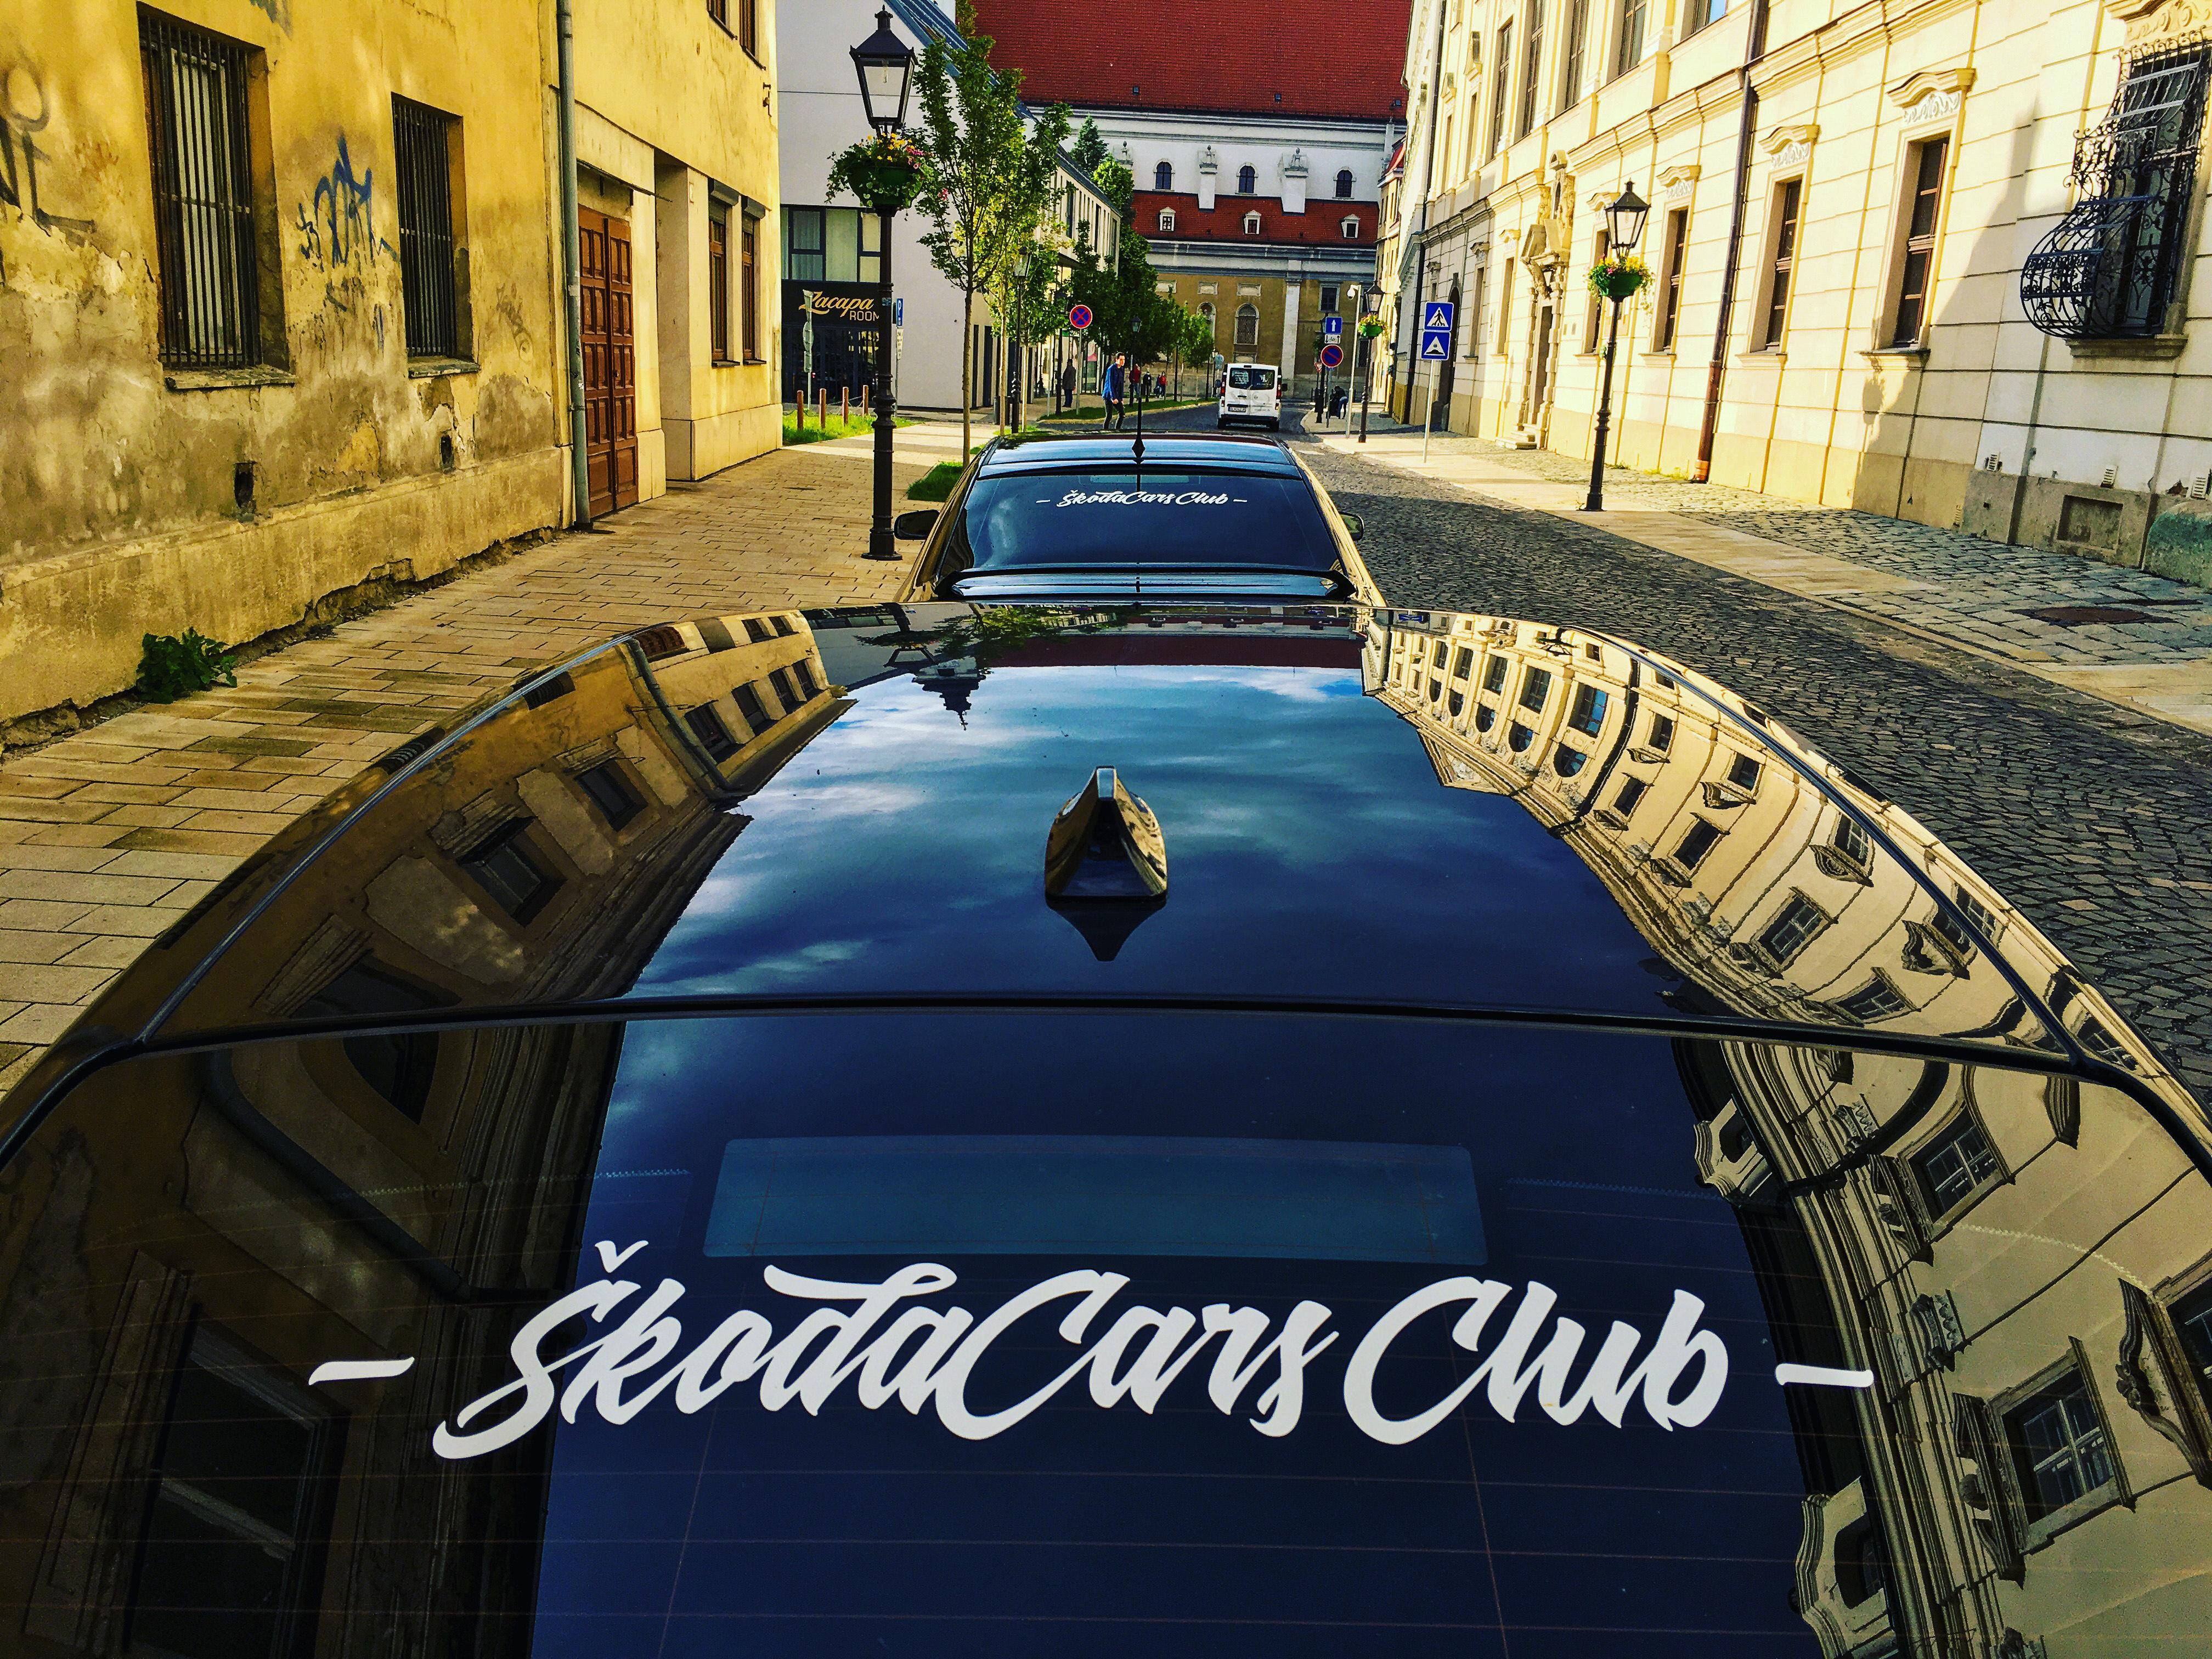 Nálepky ŠkodaCars Club